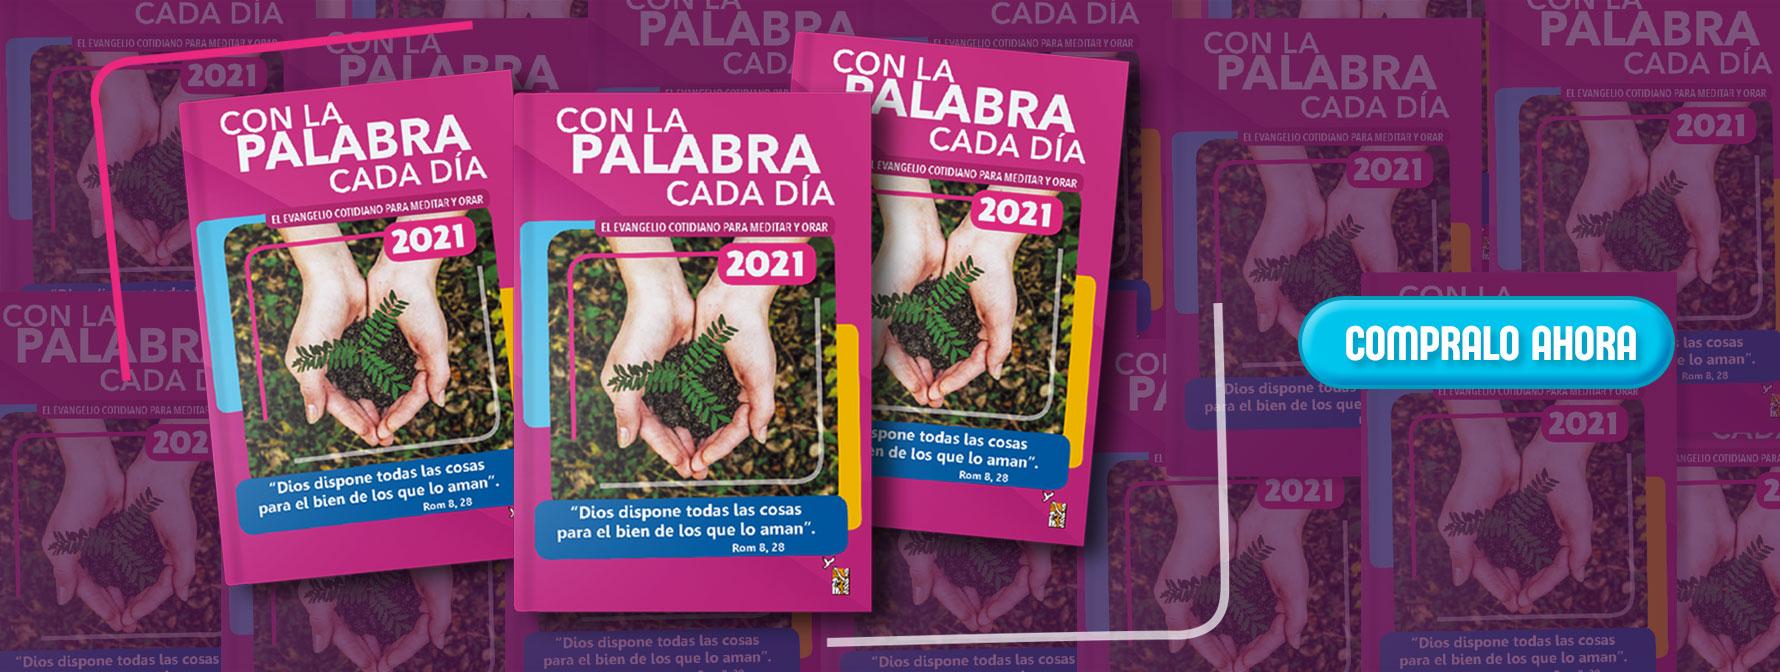 CON LA PALABRA